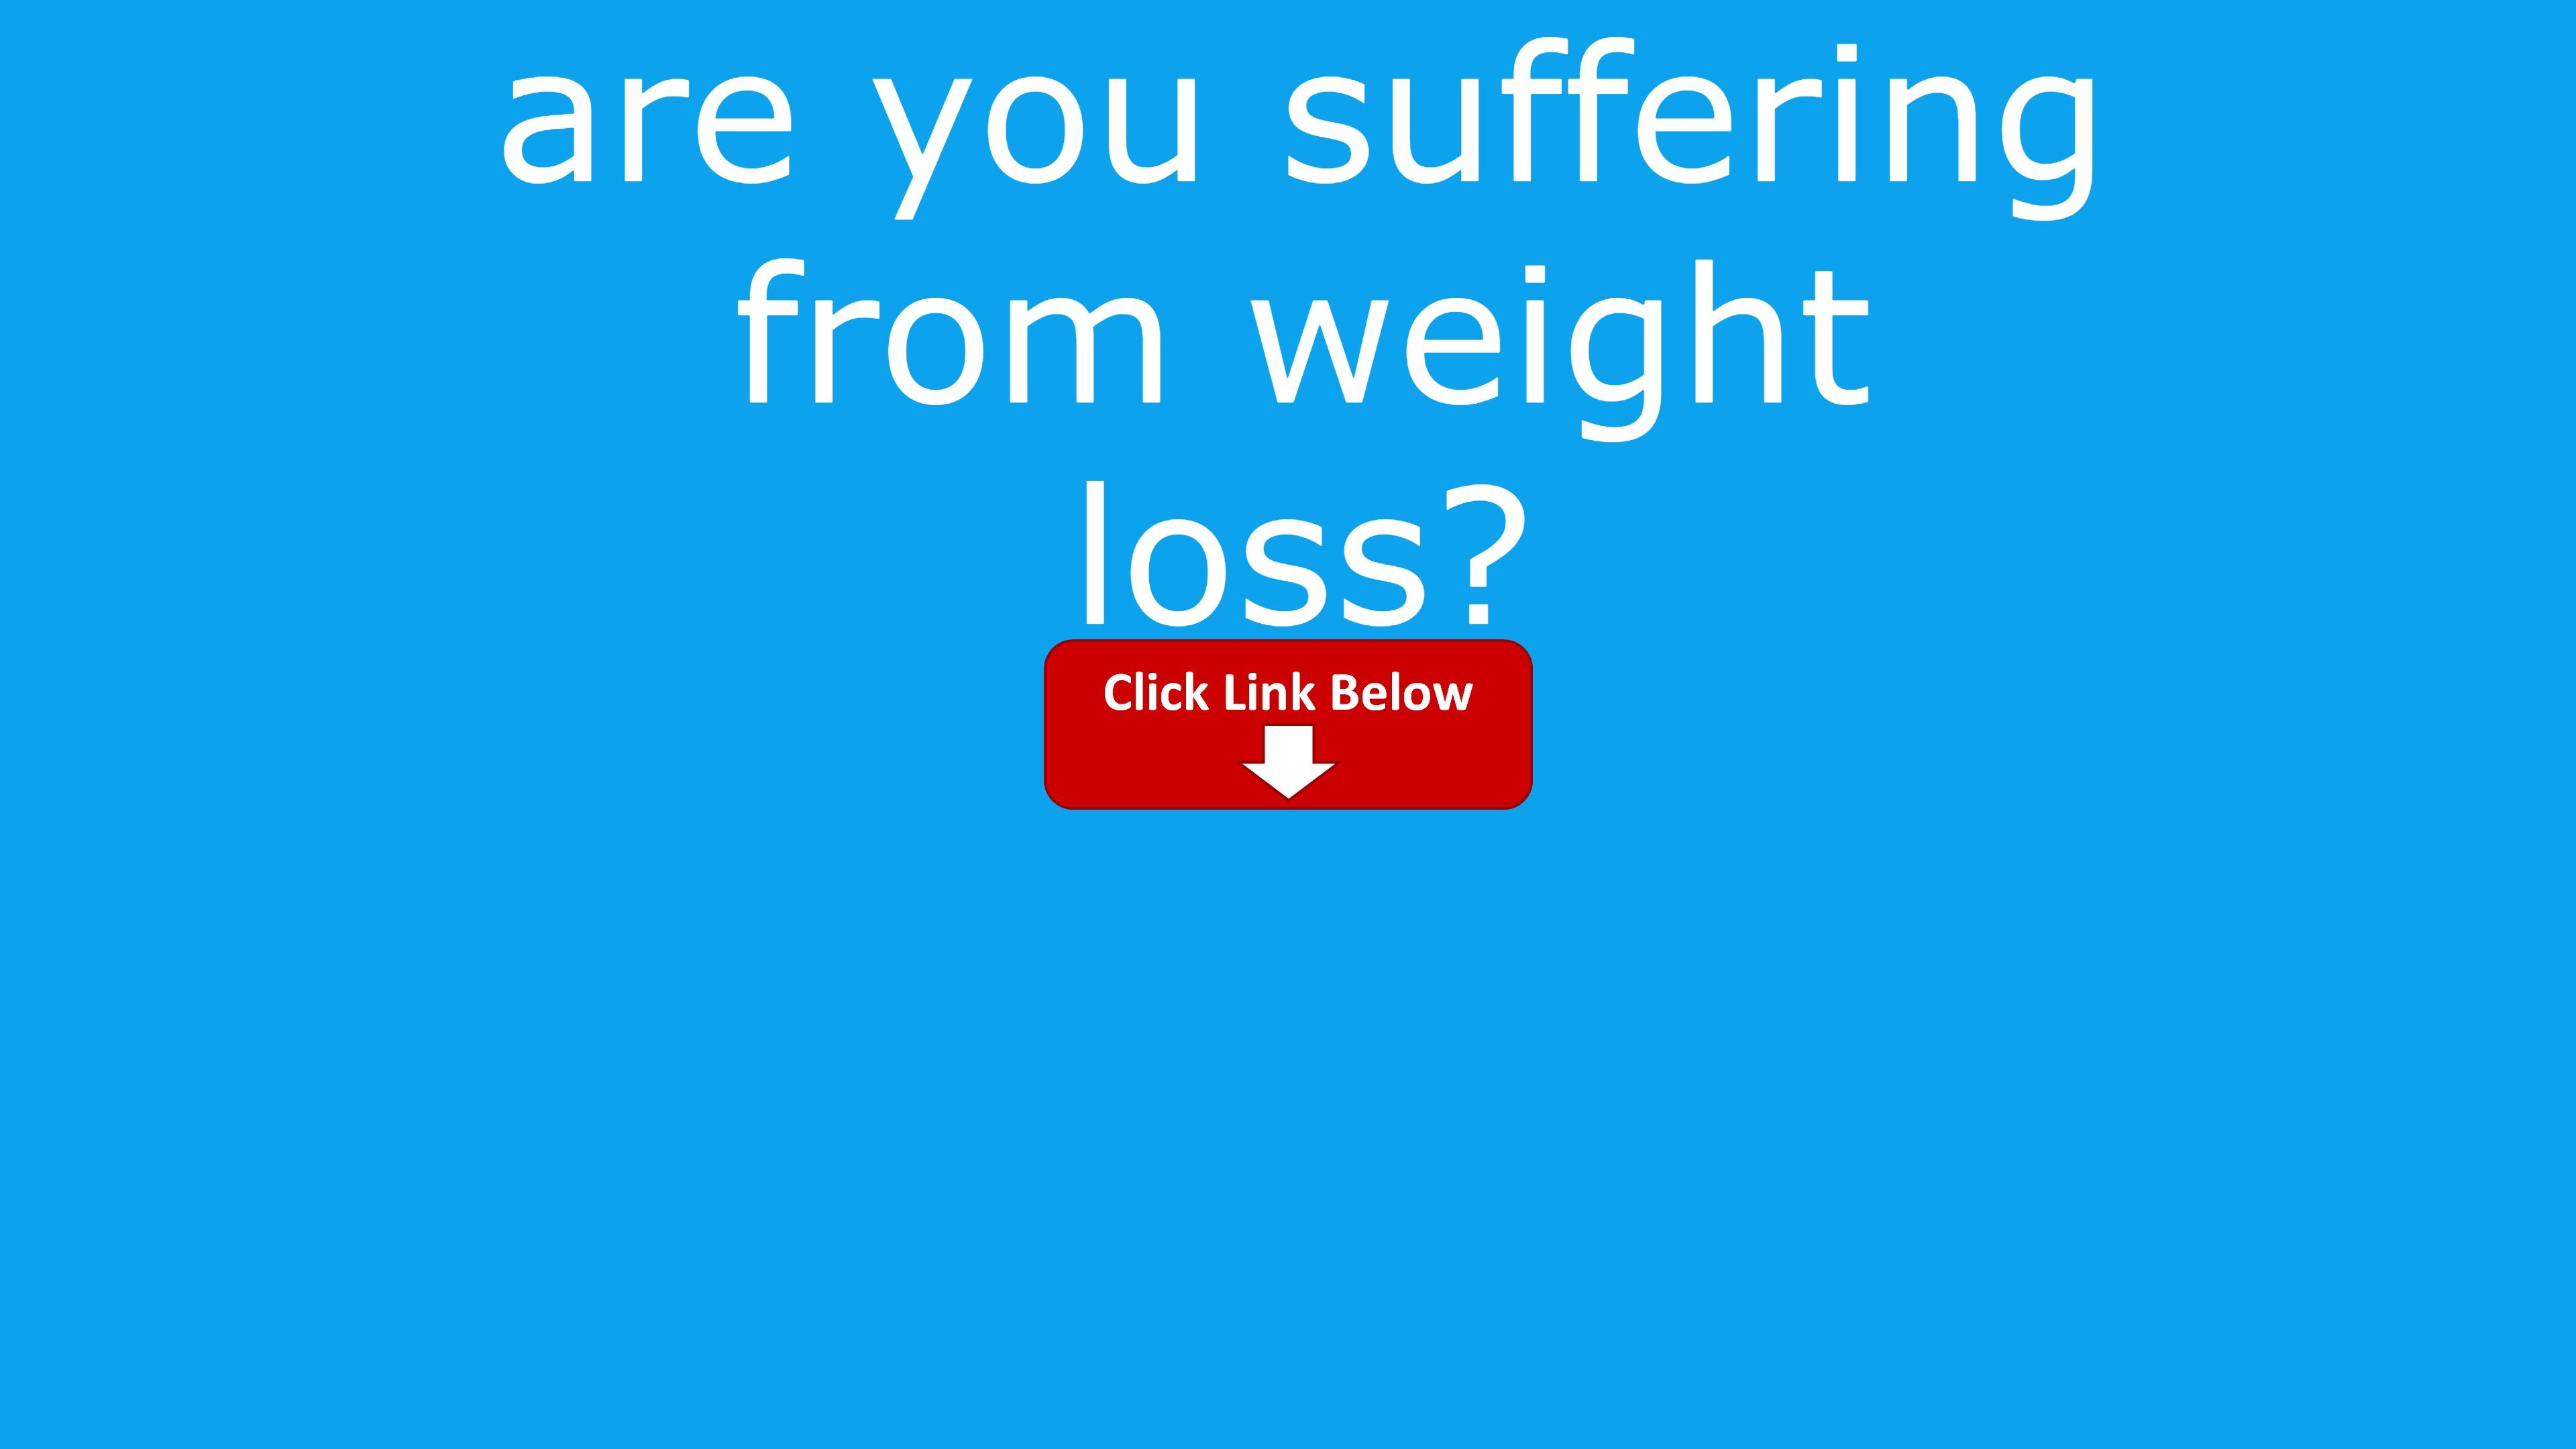 perte de poids benoni 19 et essayer de perdre du poids